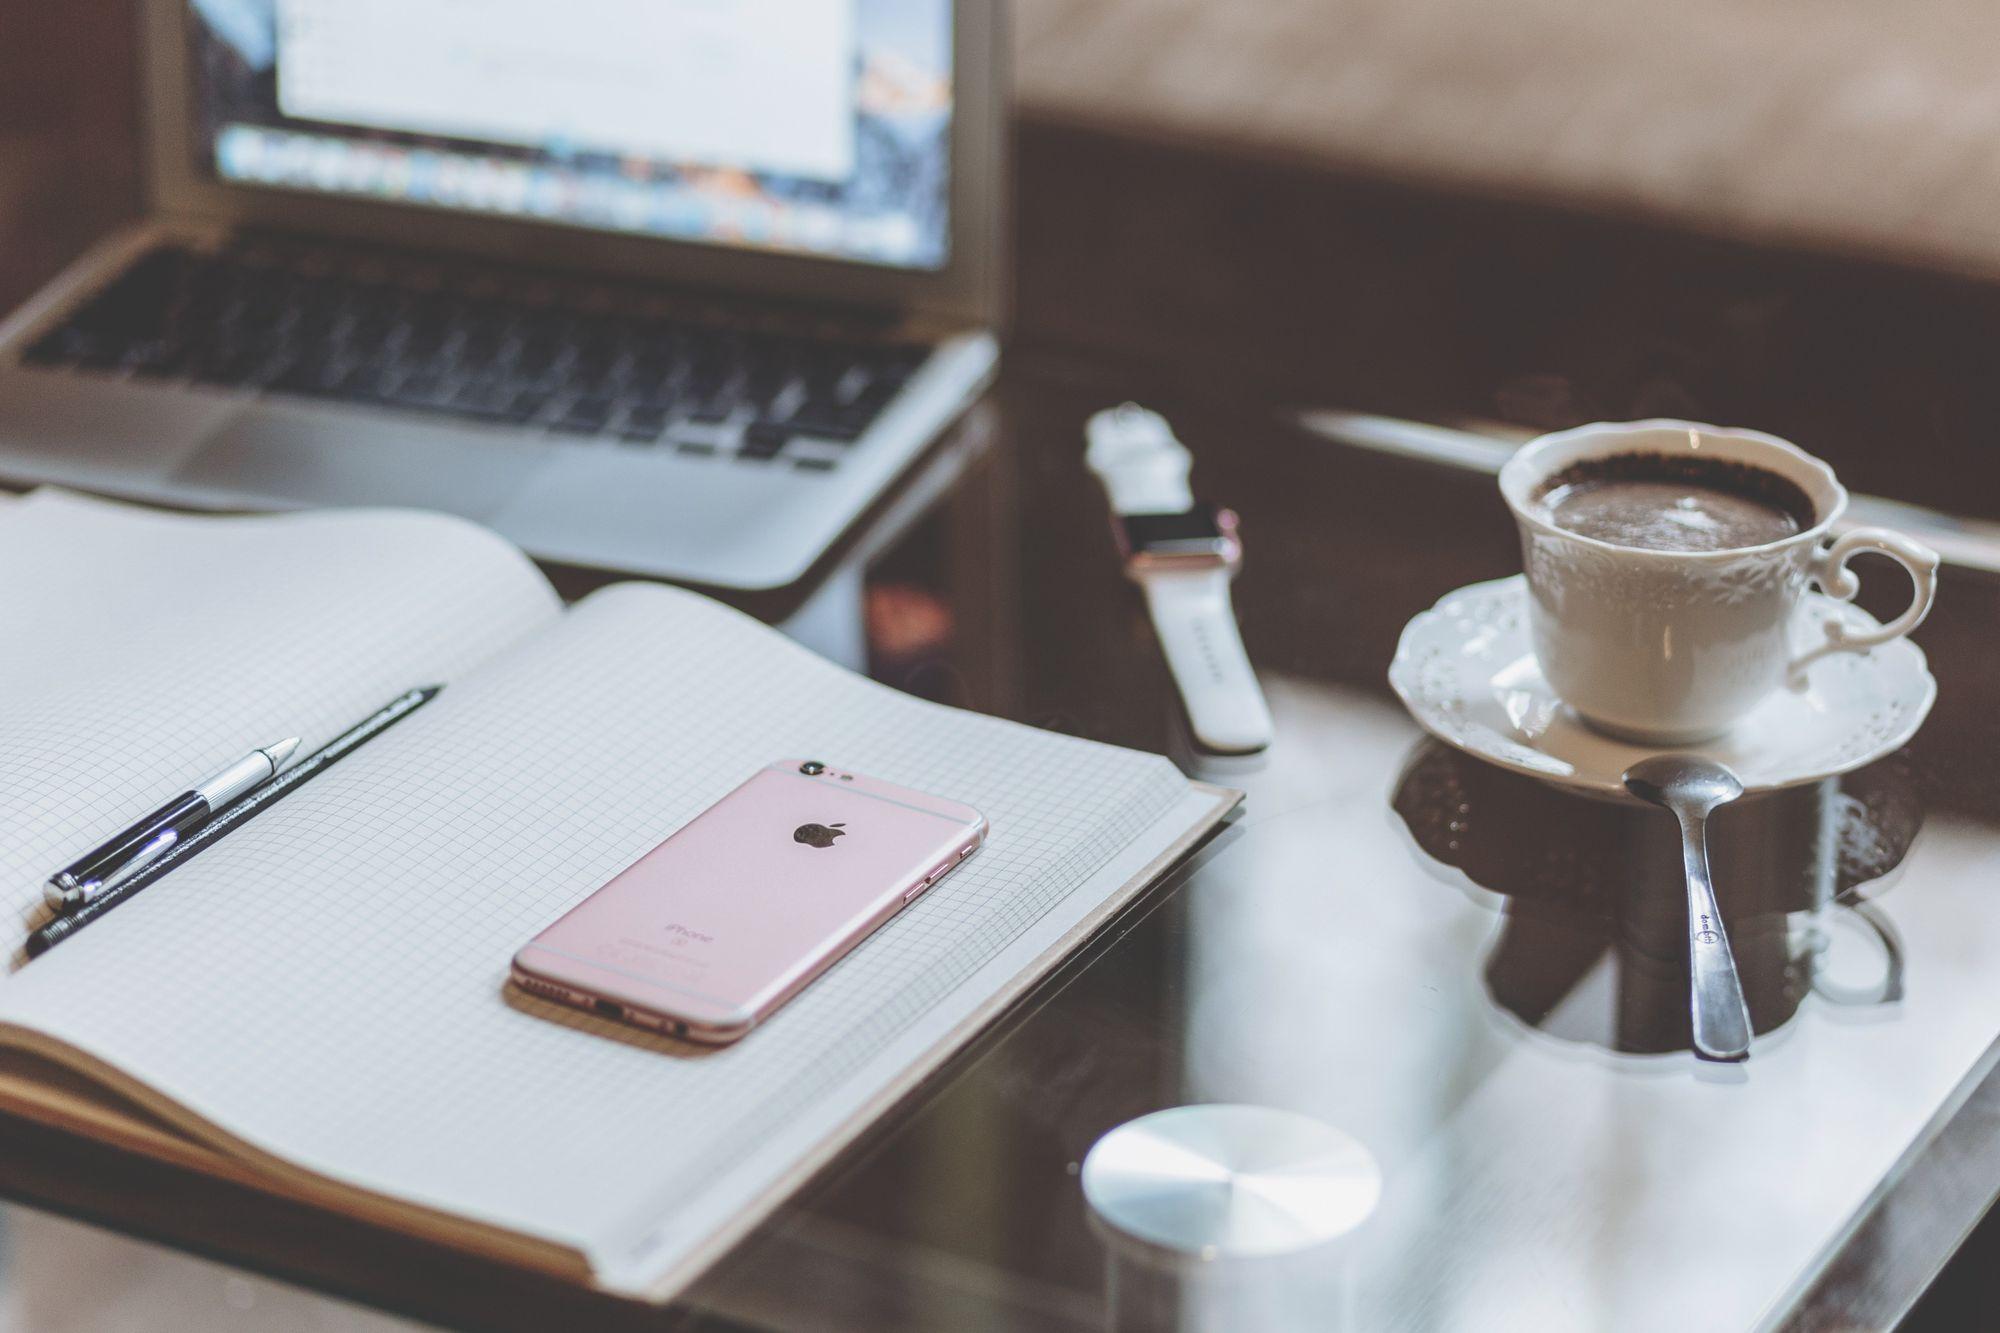 Comment déceler la capacité d'apprendre d'un commercial en entretien ?